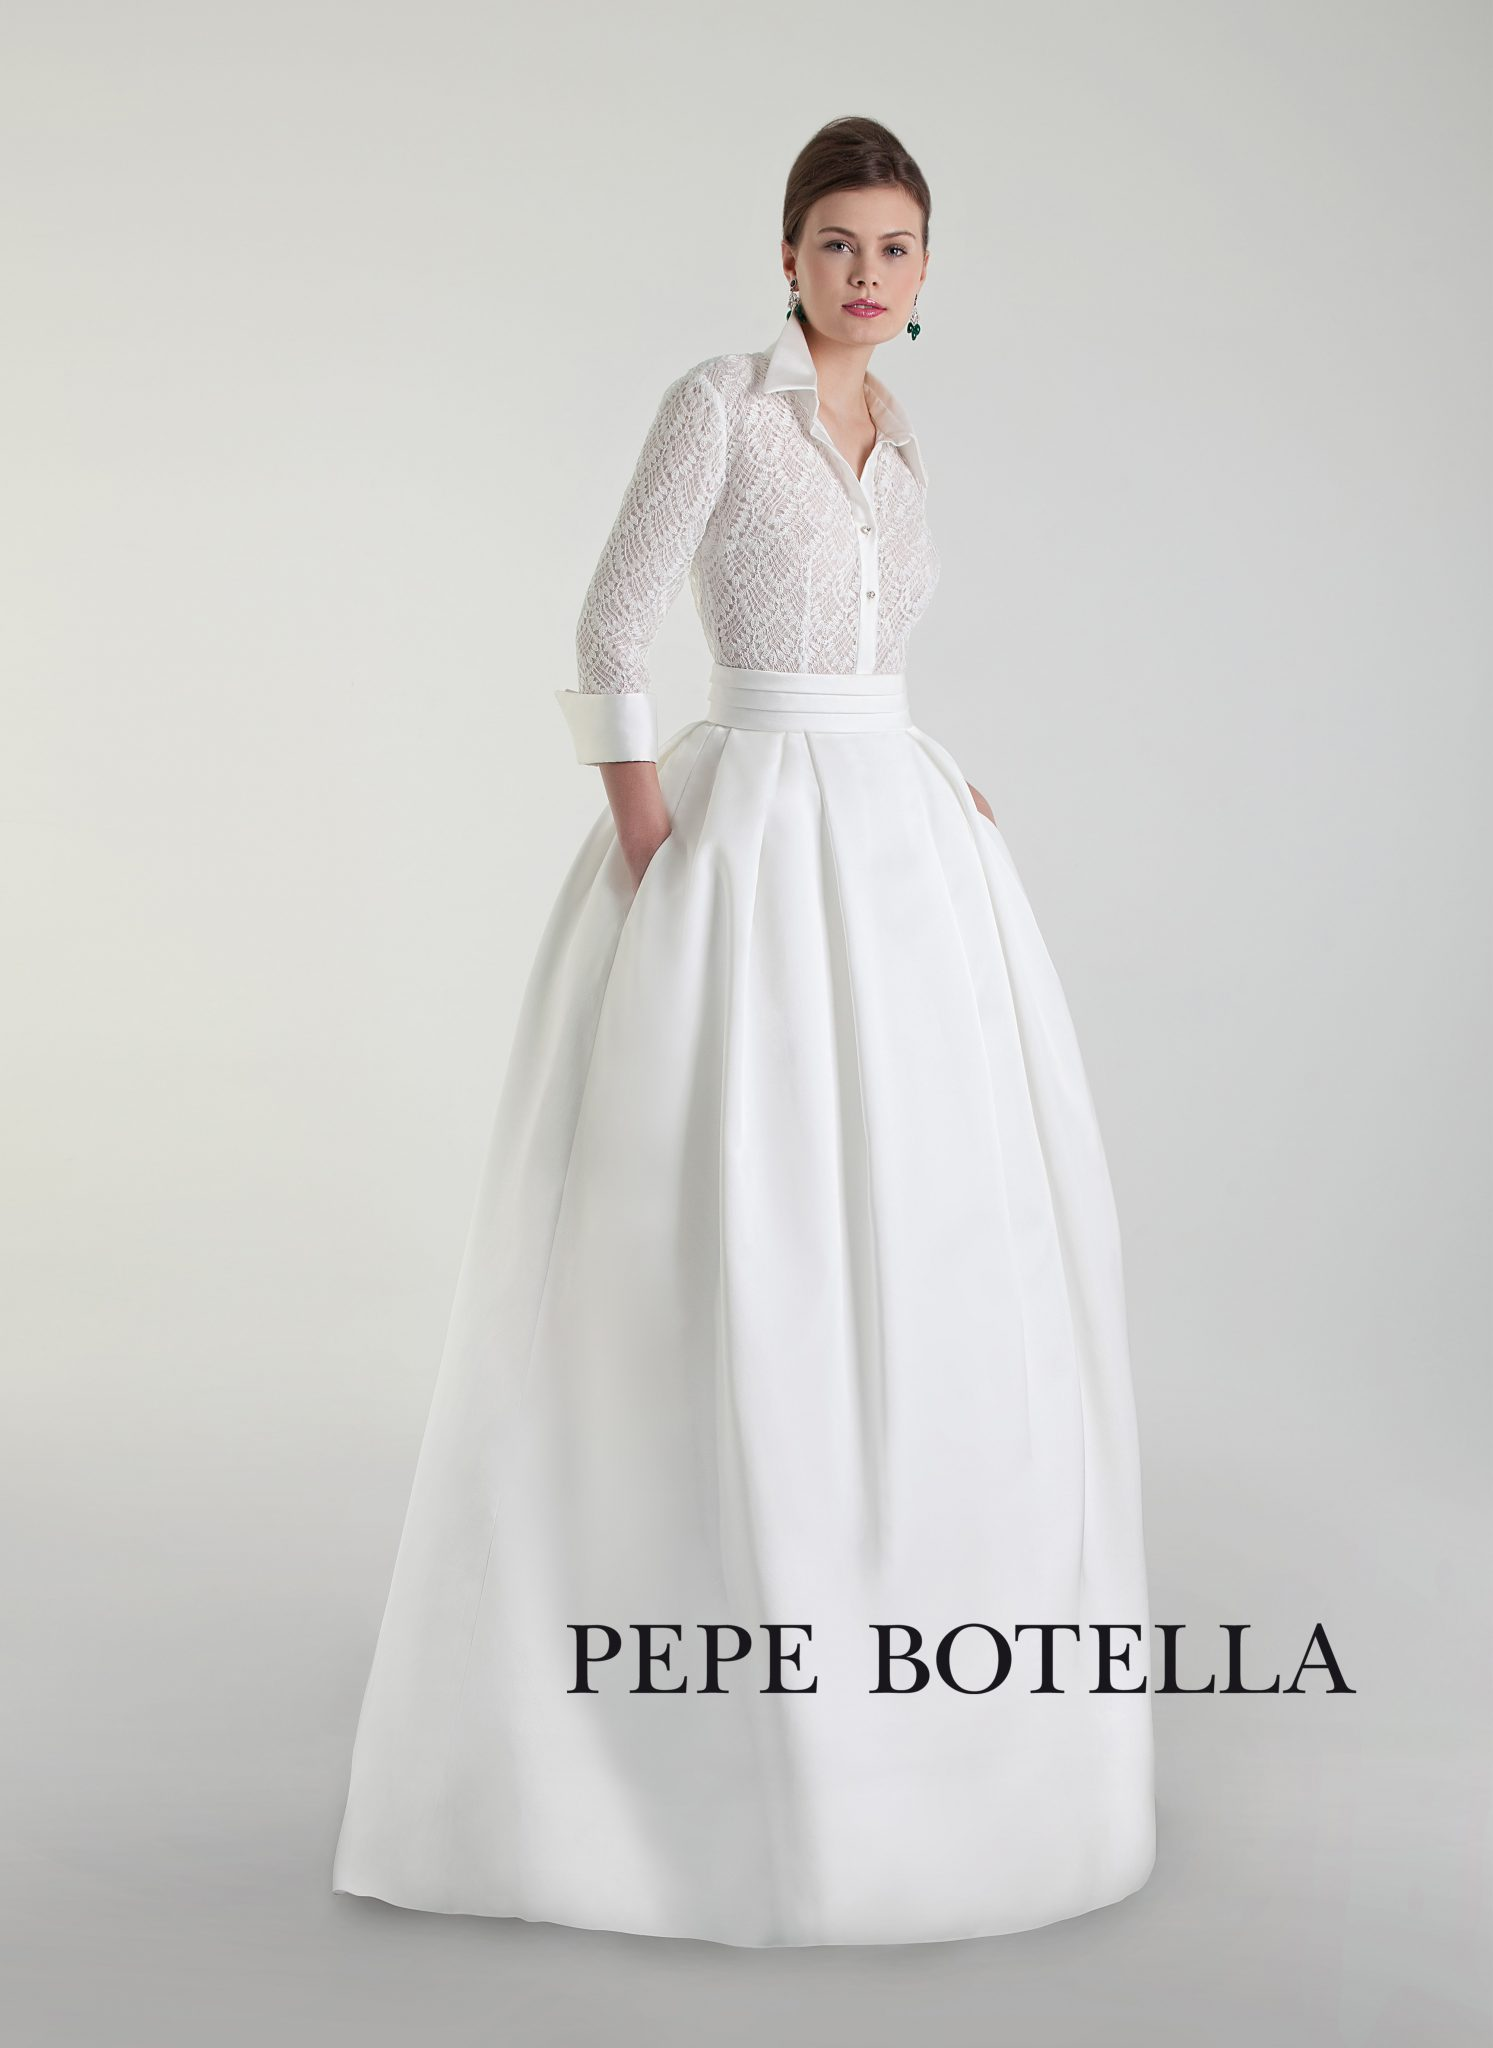 Свадебный комплект юбка с блузкой Pepe Botella арт. 550